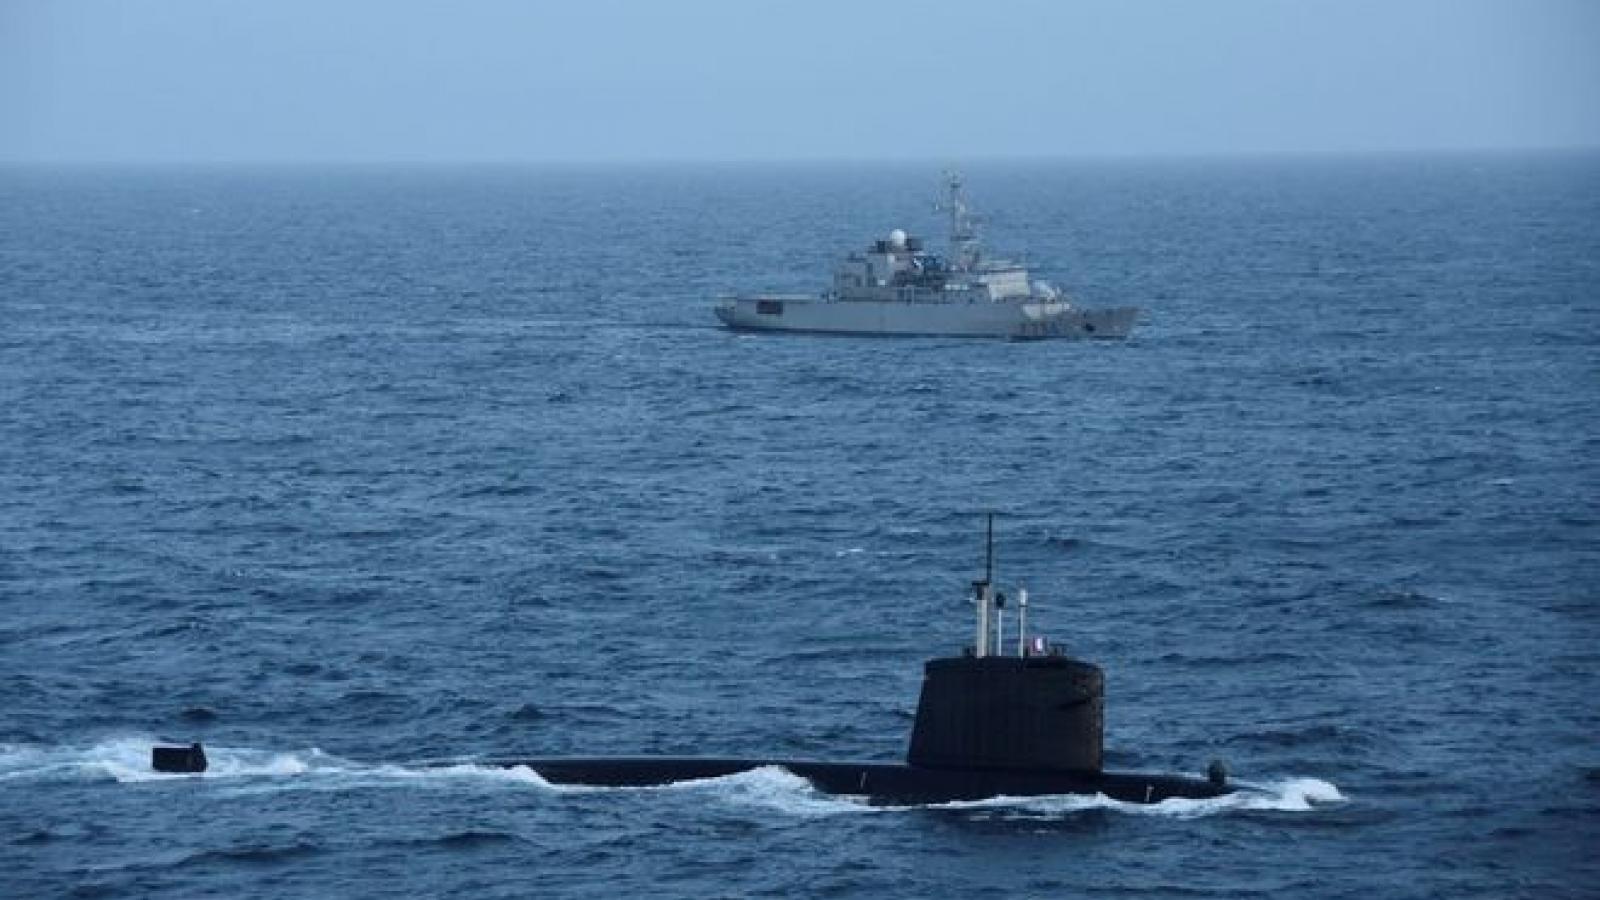 Phản ứng của Việt Nam về thông tin tàu ngầm Pháp tuần tra ở Biển Đông